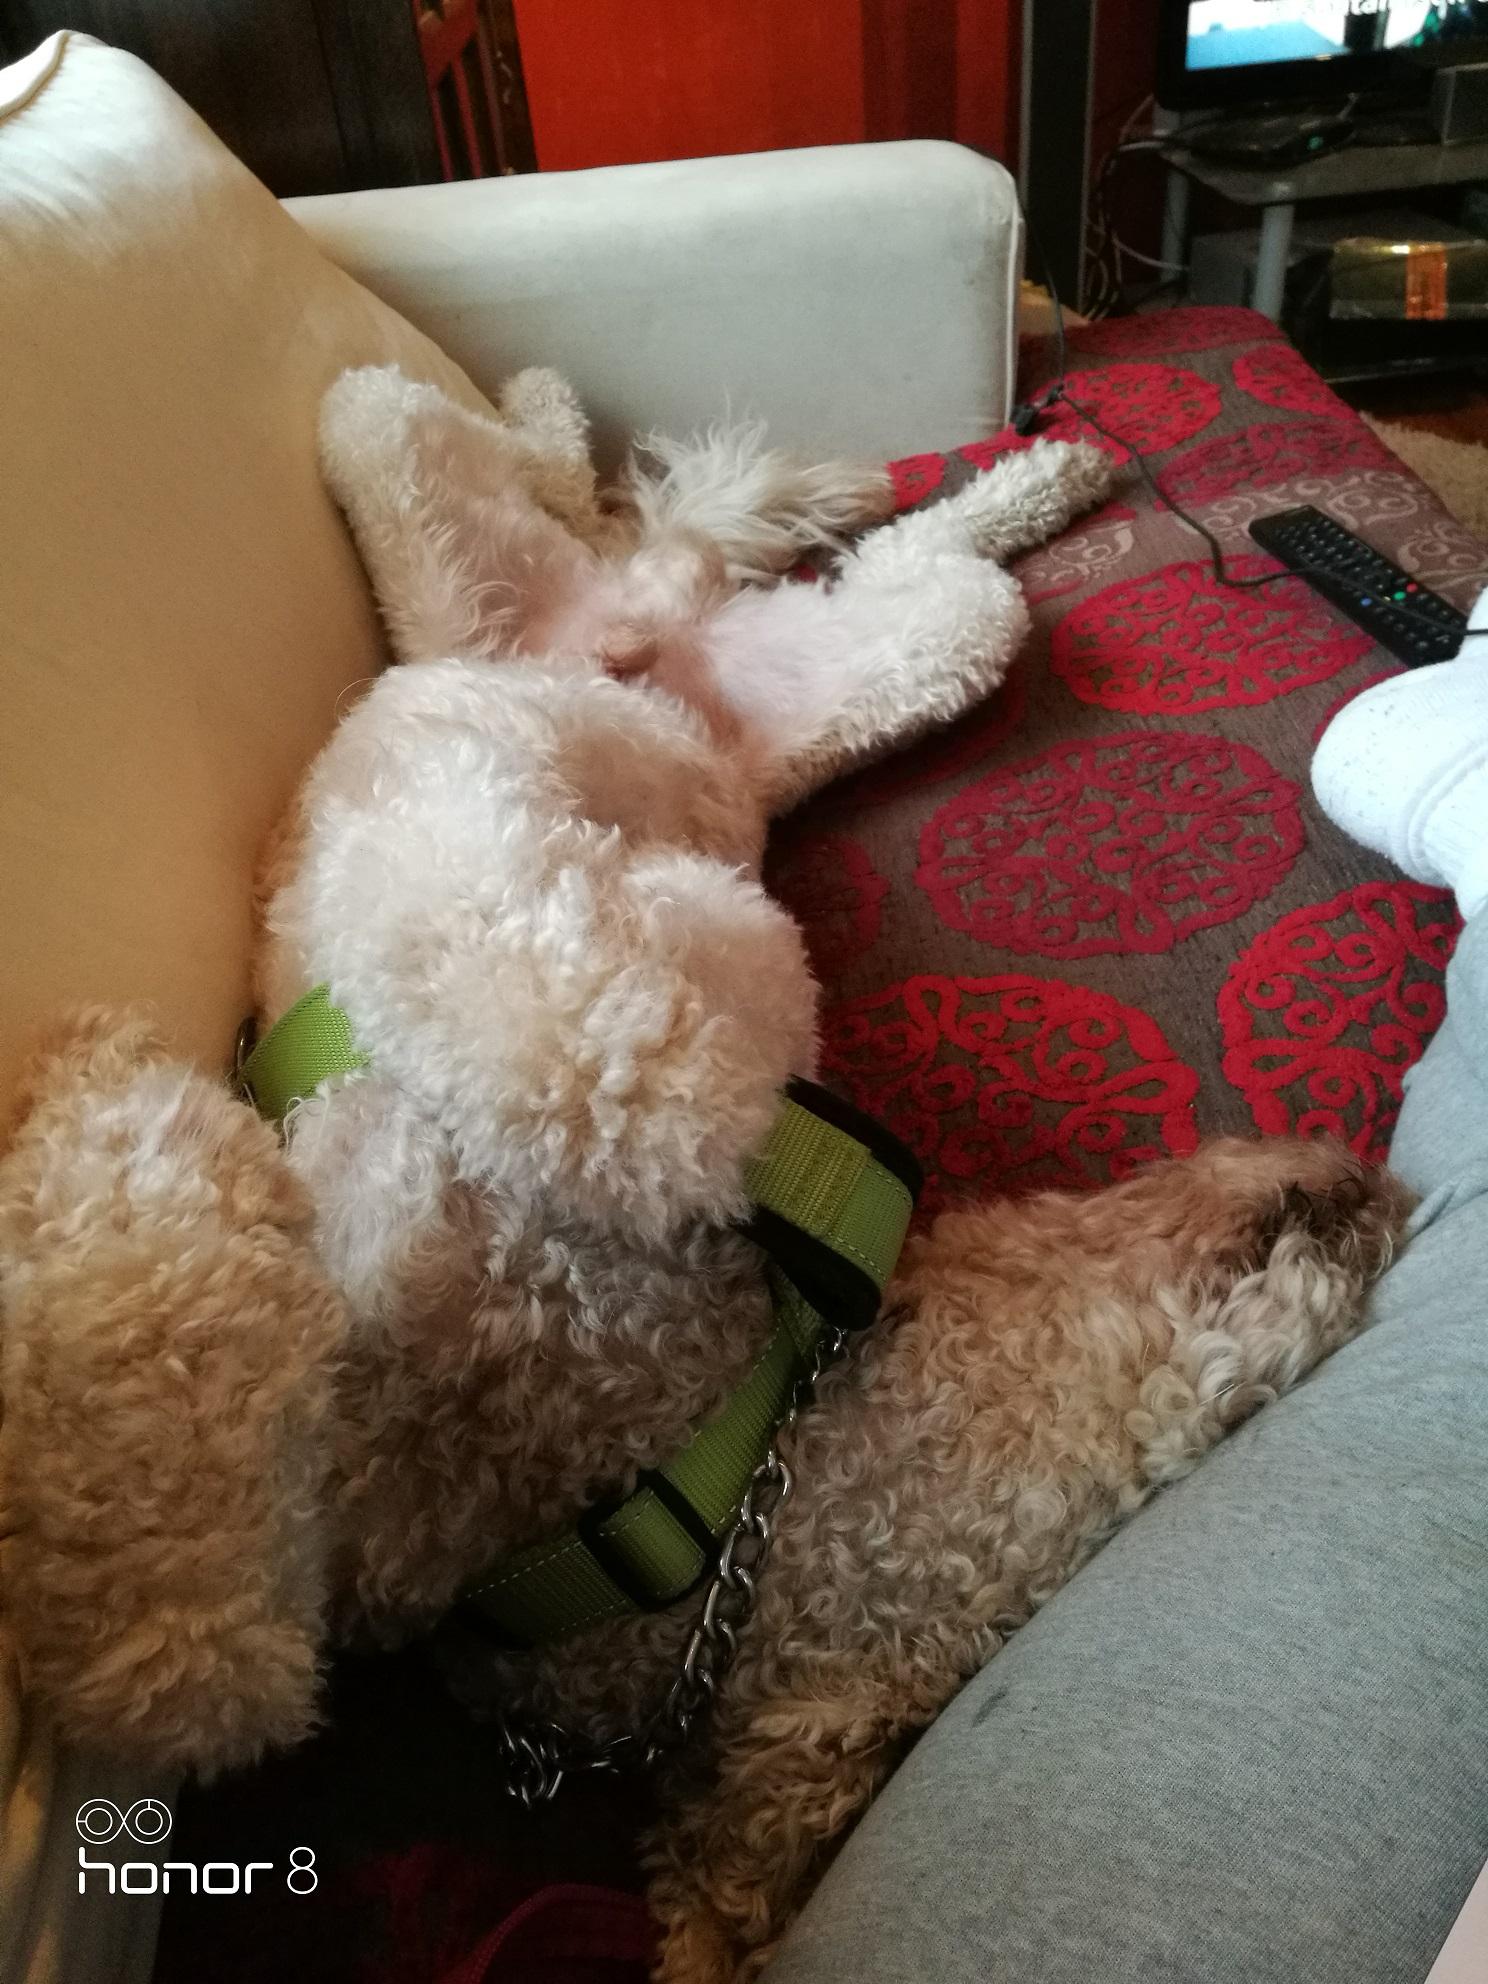 Koirahotelli Perro nukutaan ketarat ojossa